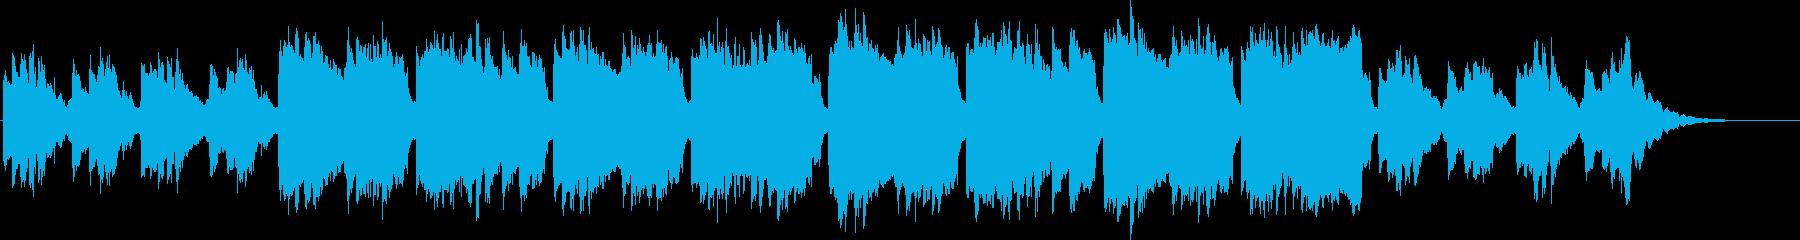 のんびりフルートの再生済みの波形